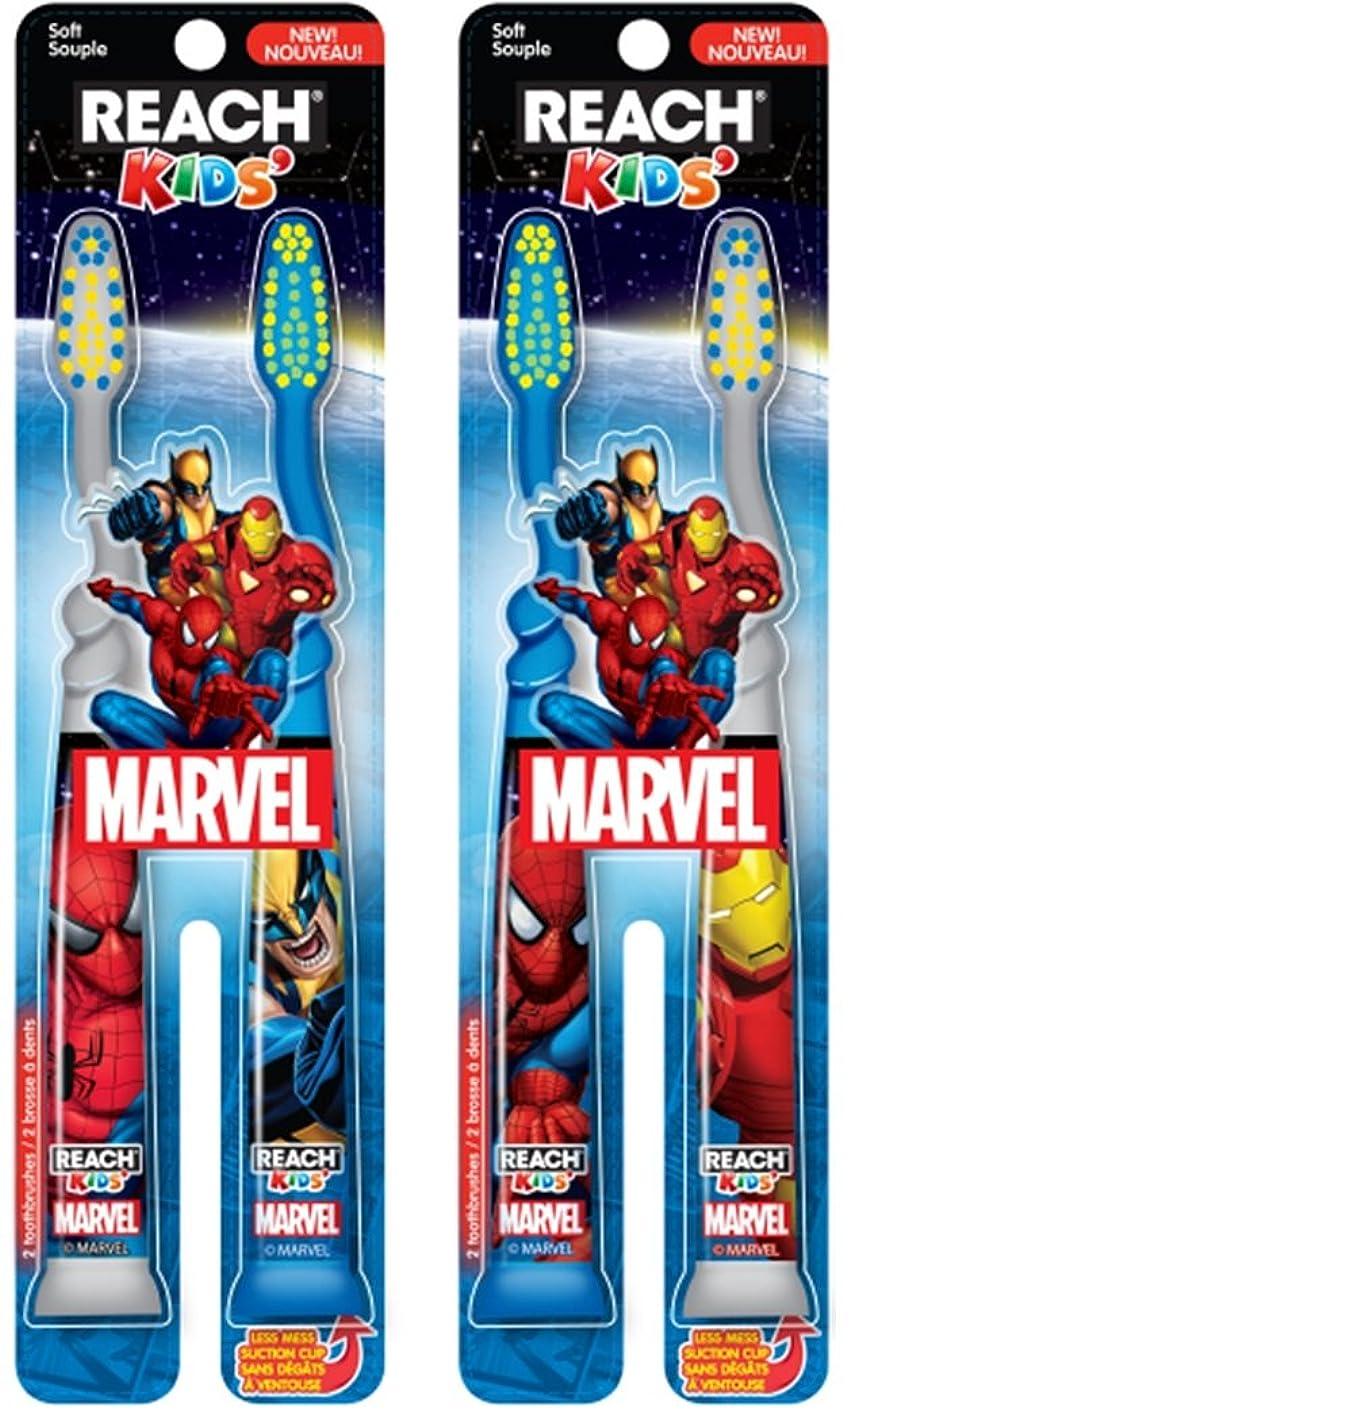 独立して瞳もう一度Reach Kids Mavel Soft Toothbrush, 2 Count by Reach